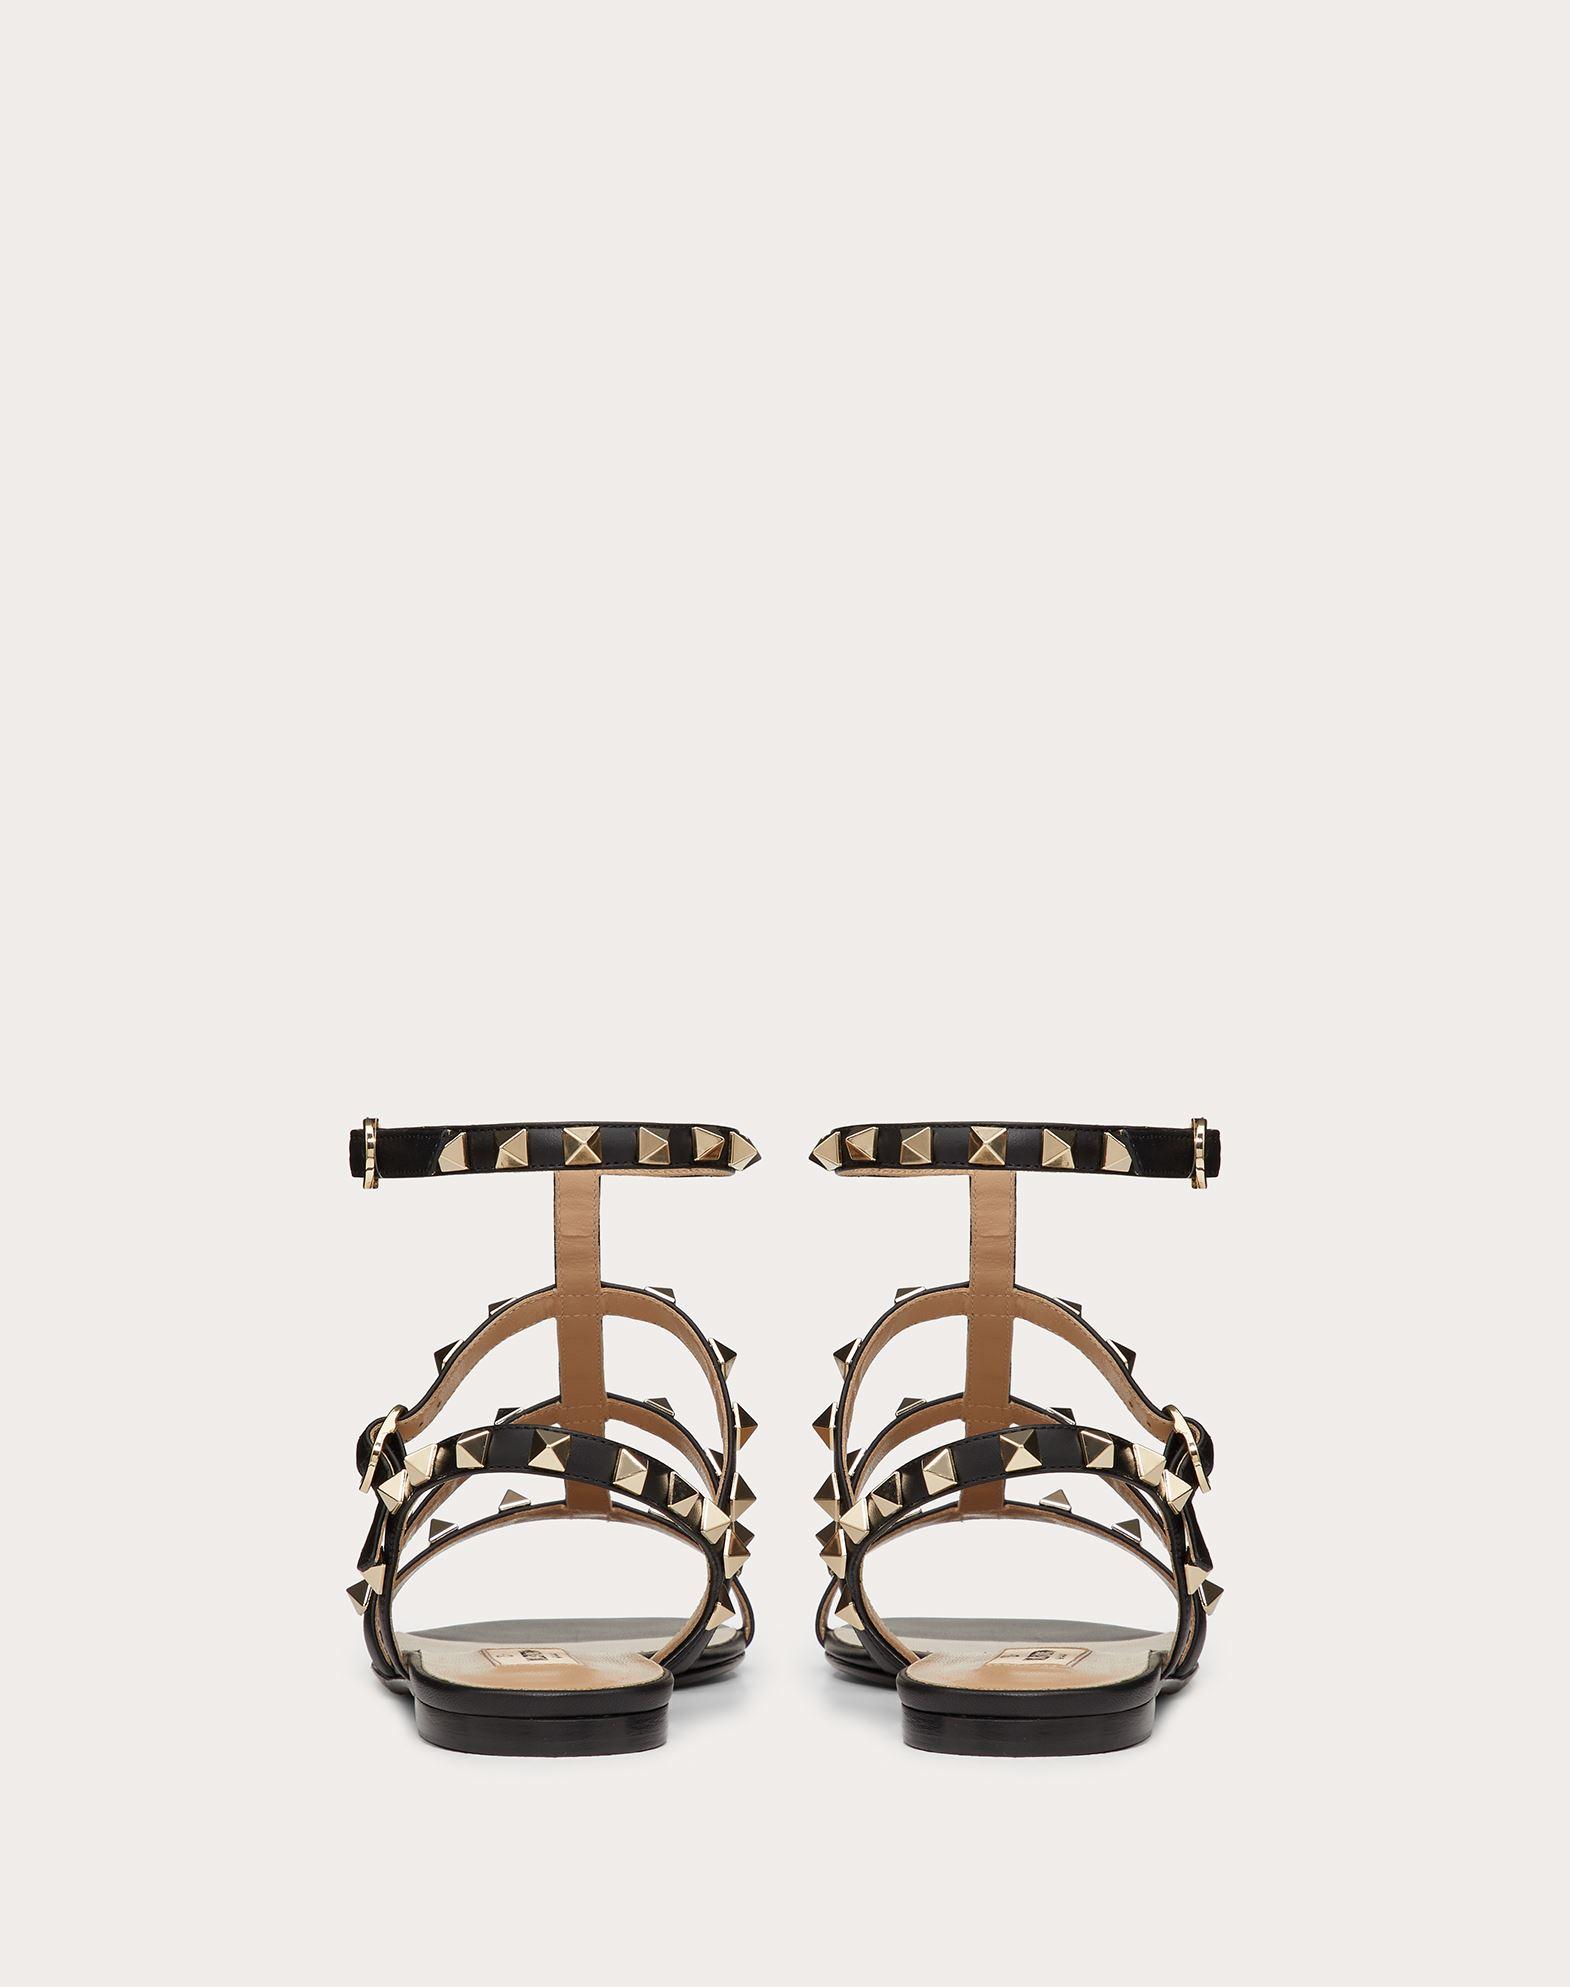 VALENTINO GARAVANI Rockstud Sandal FLAT SANDALS D d